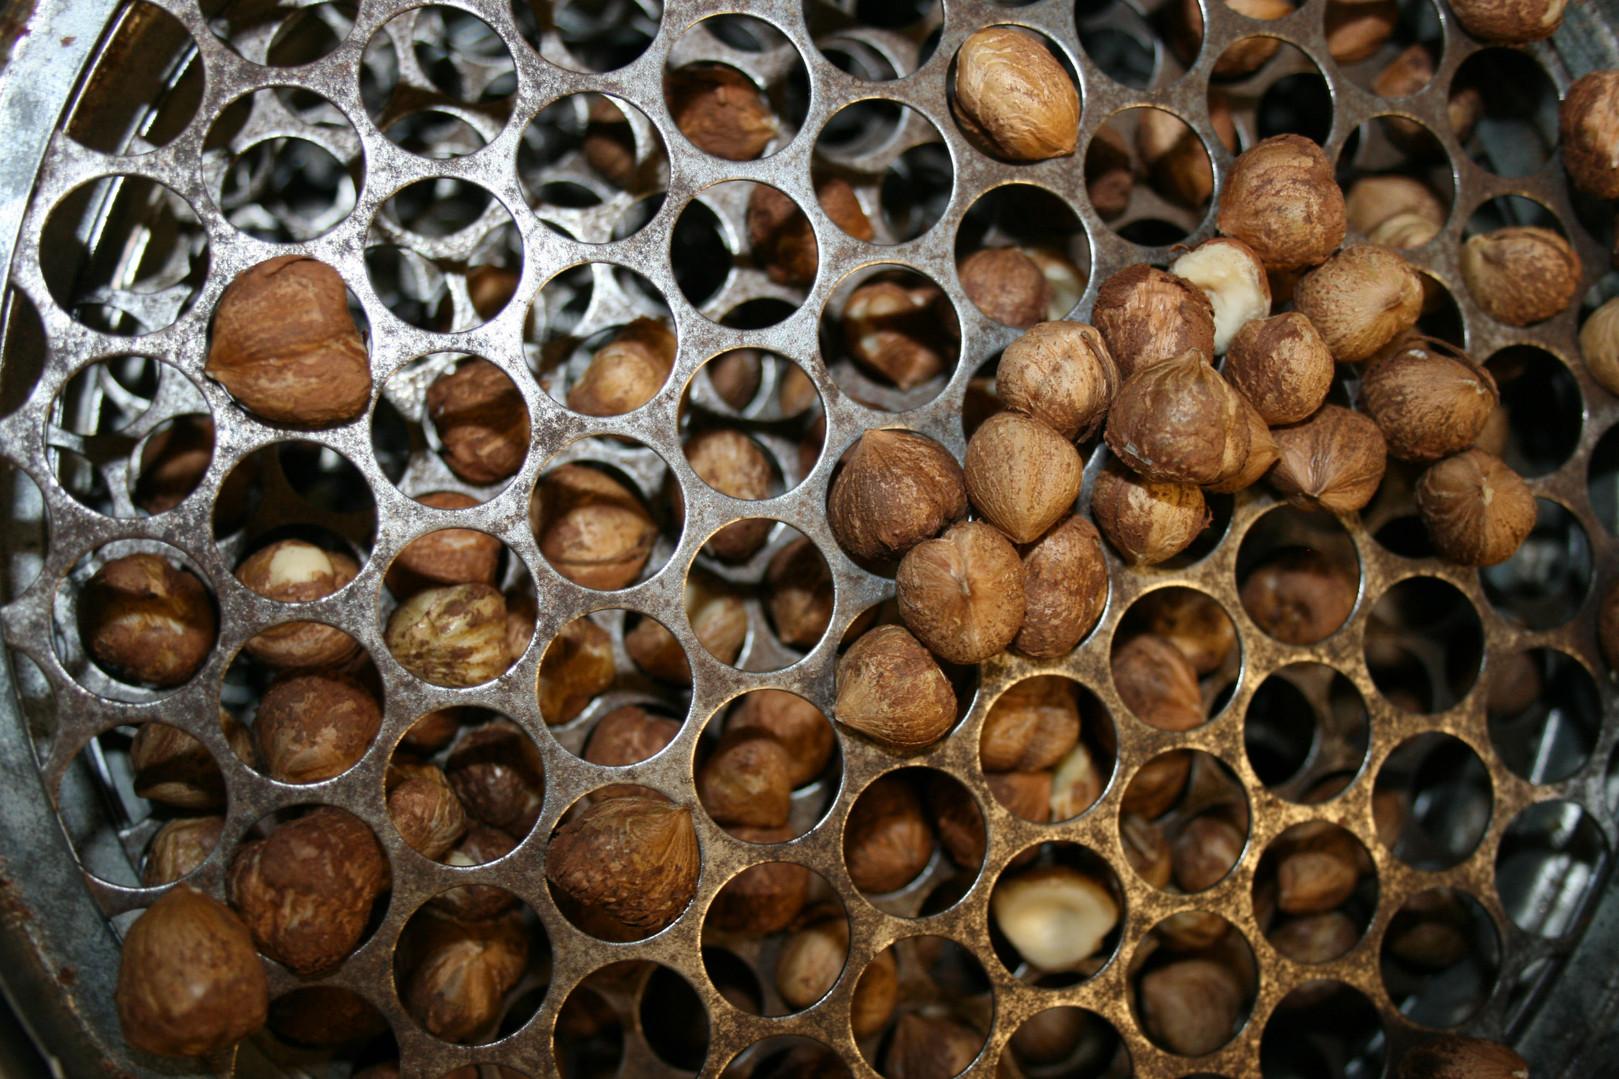 Calibrage des noisettes